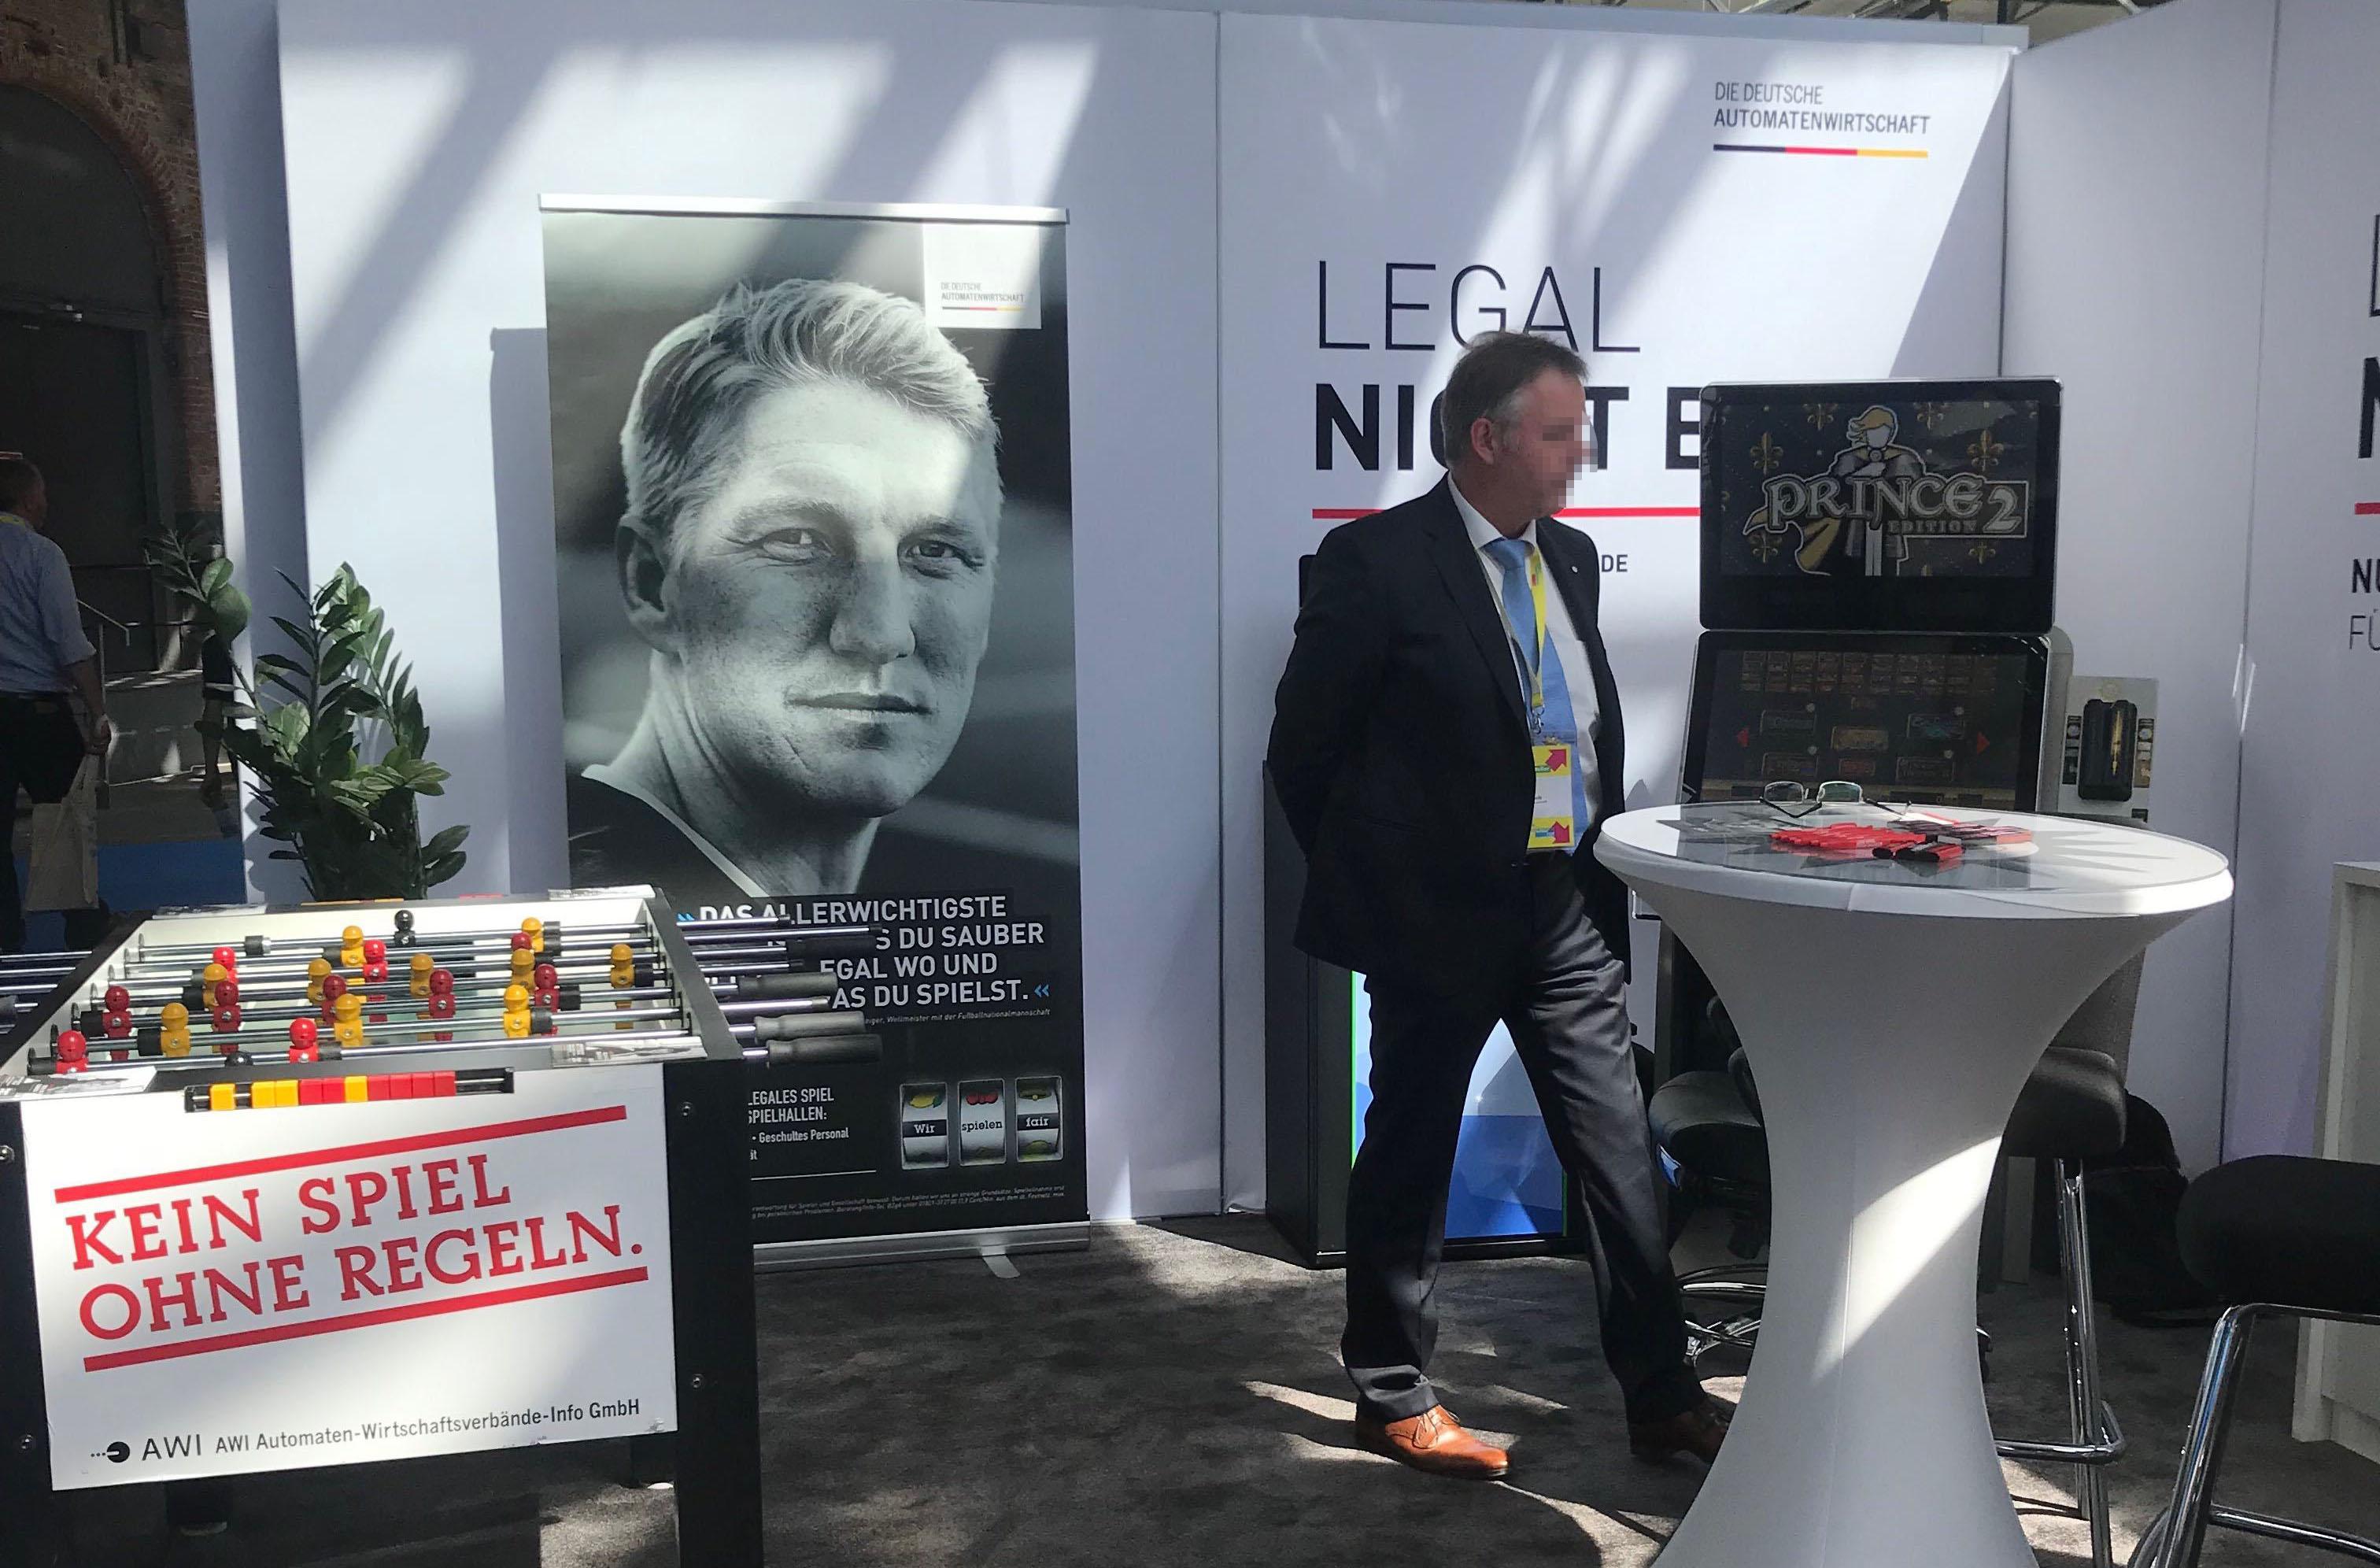 Stand der Deutschen Automatenwirtschaft (AWI) auf dem FDP-Parteitag